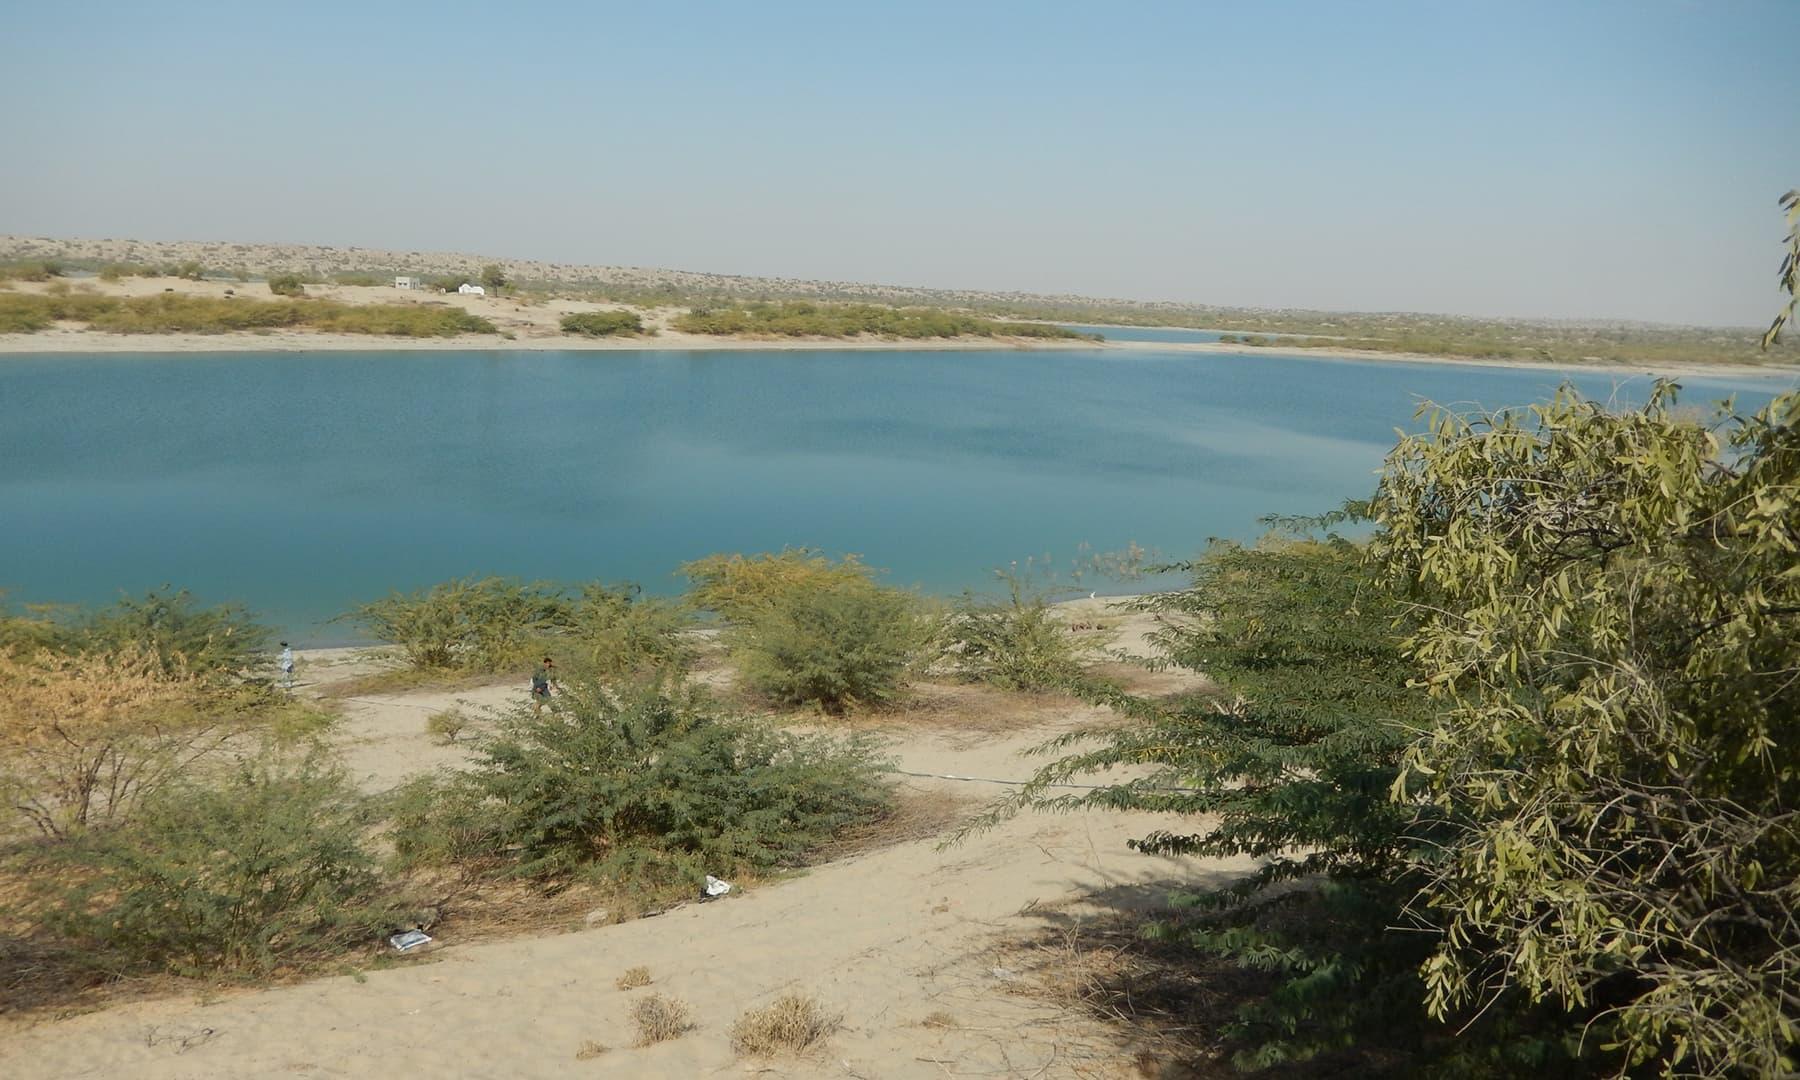 جھیل کی نیلی سطح پر سفر کرتے آپ کی کیفیتوں میں تبدیلی آتی ہے—تصویر ابوبکر شیخ